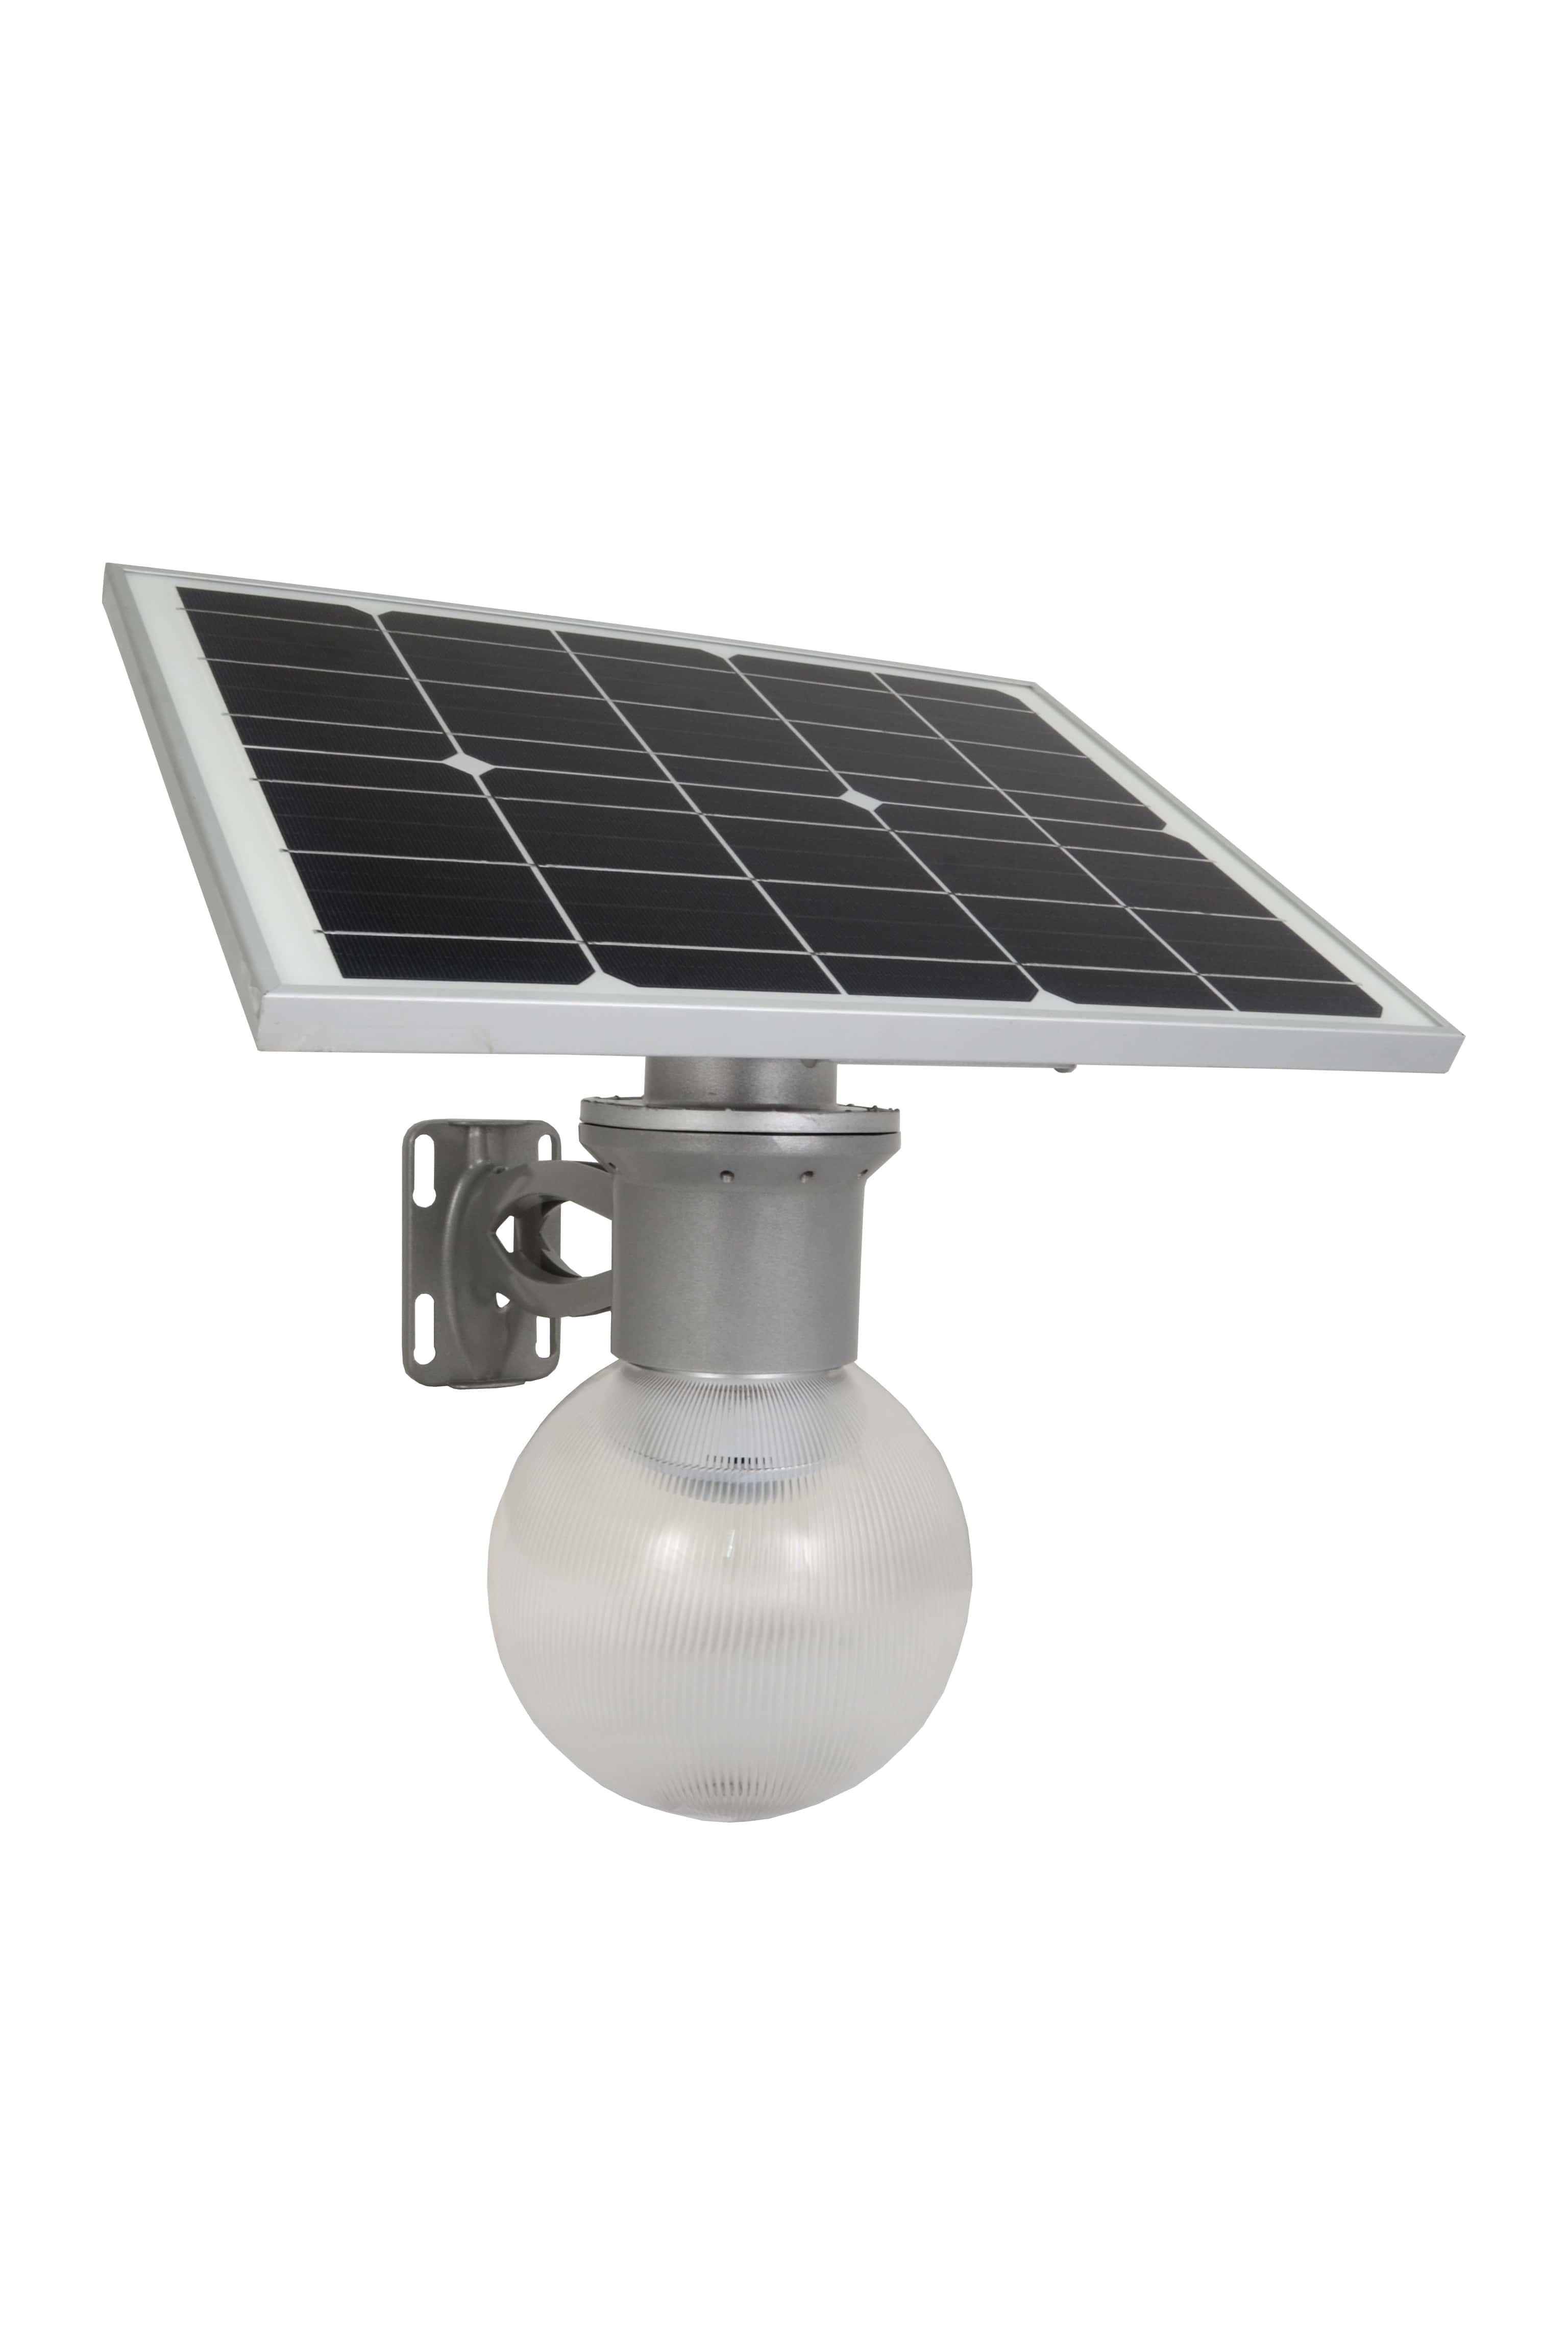 Solar-Power Outdoor Solar Moonlight